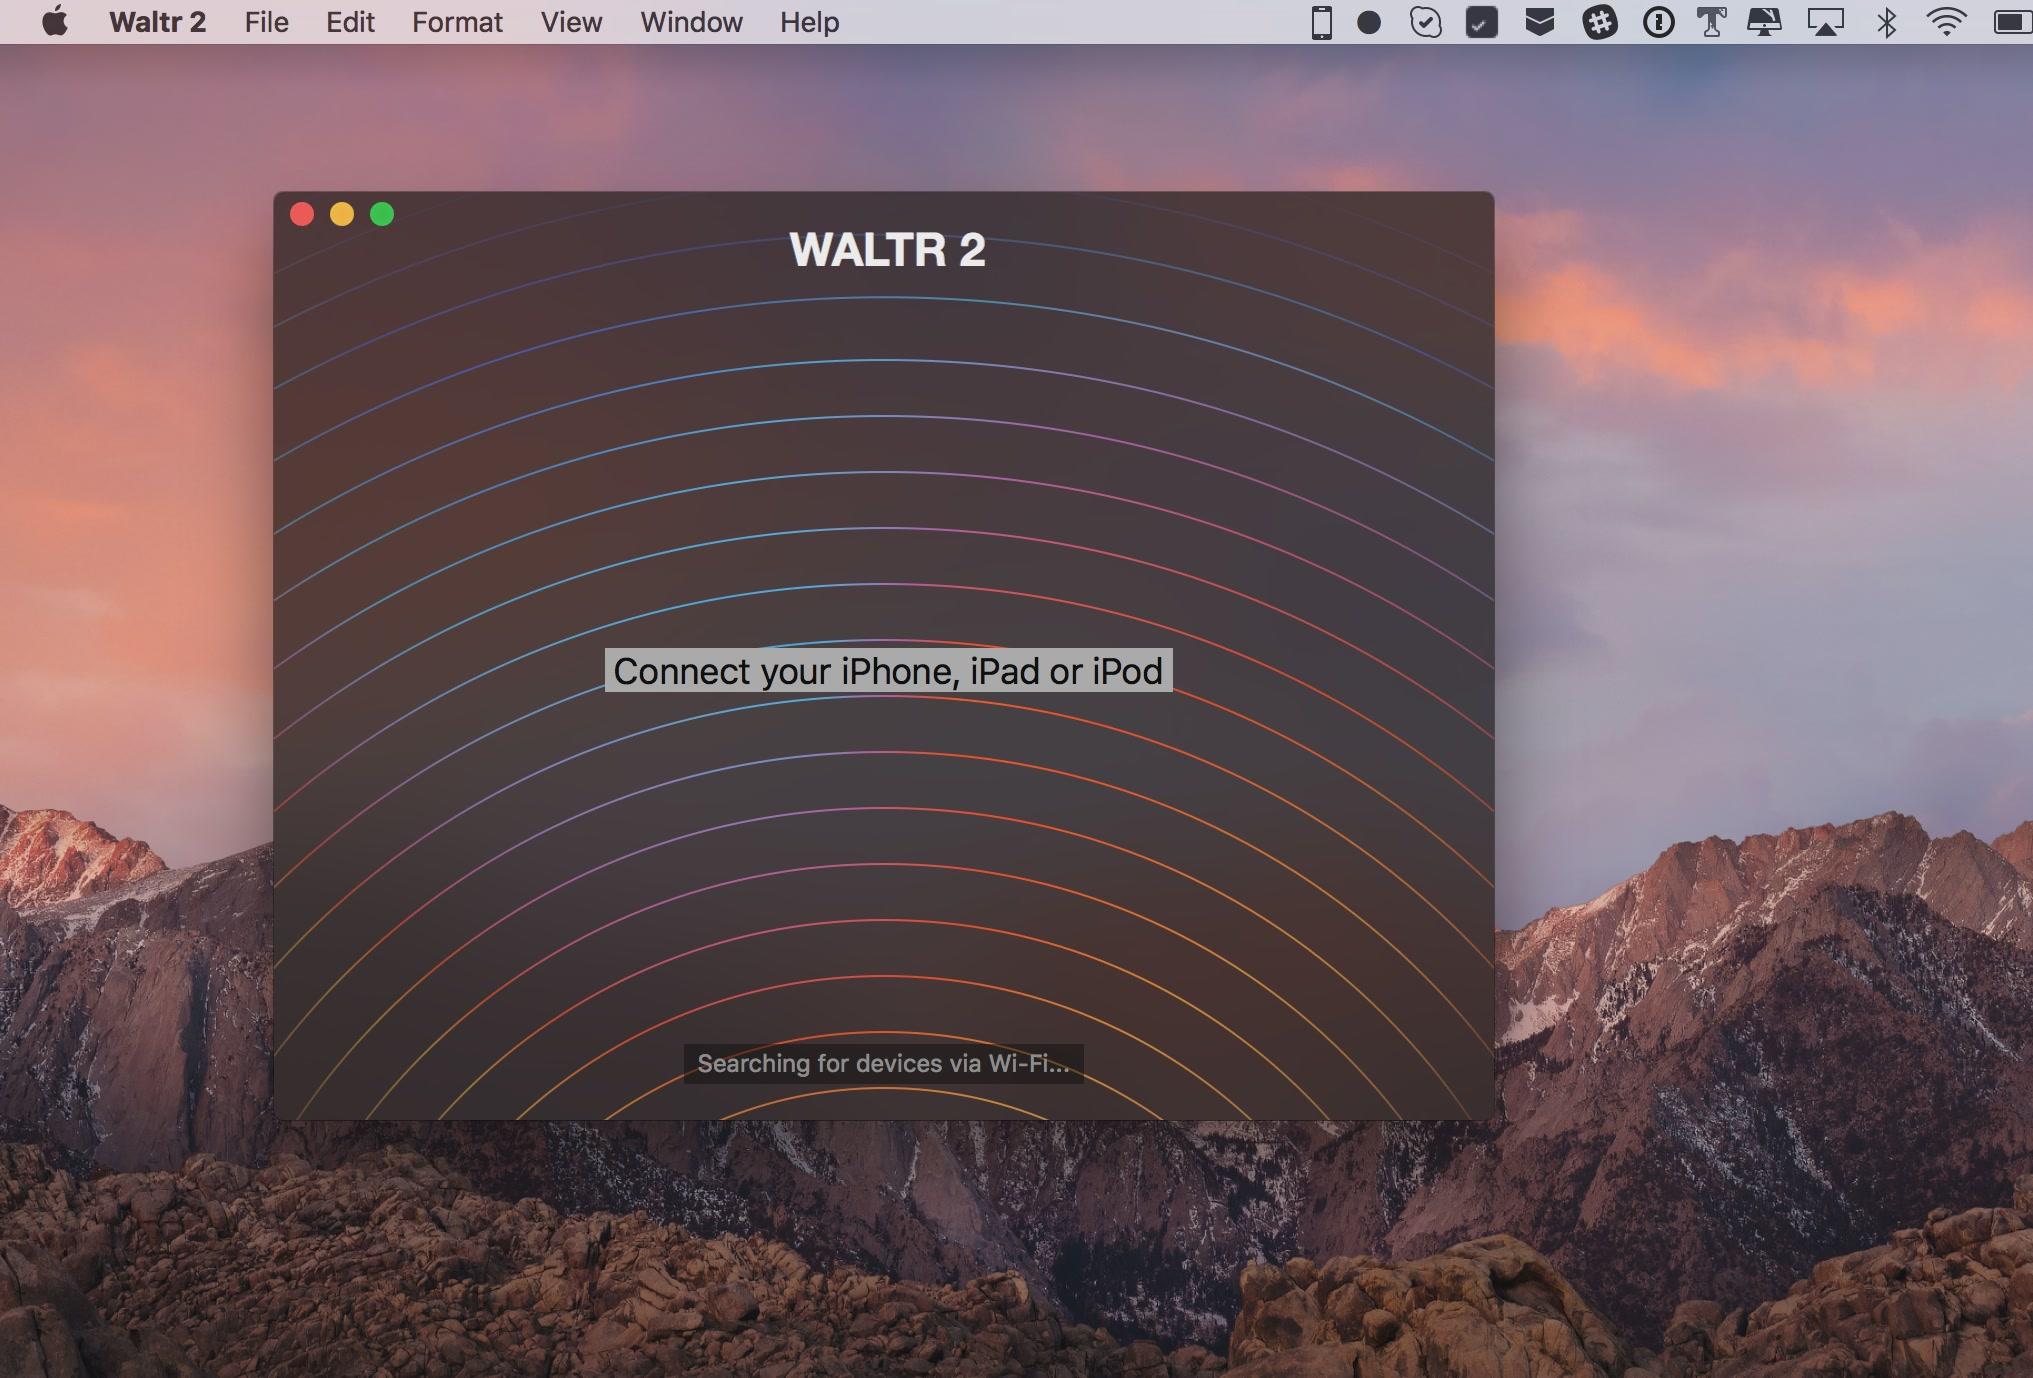 WALTR aide à lire ePUB sur iPad